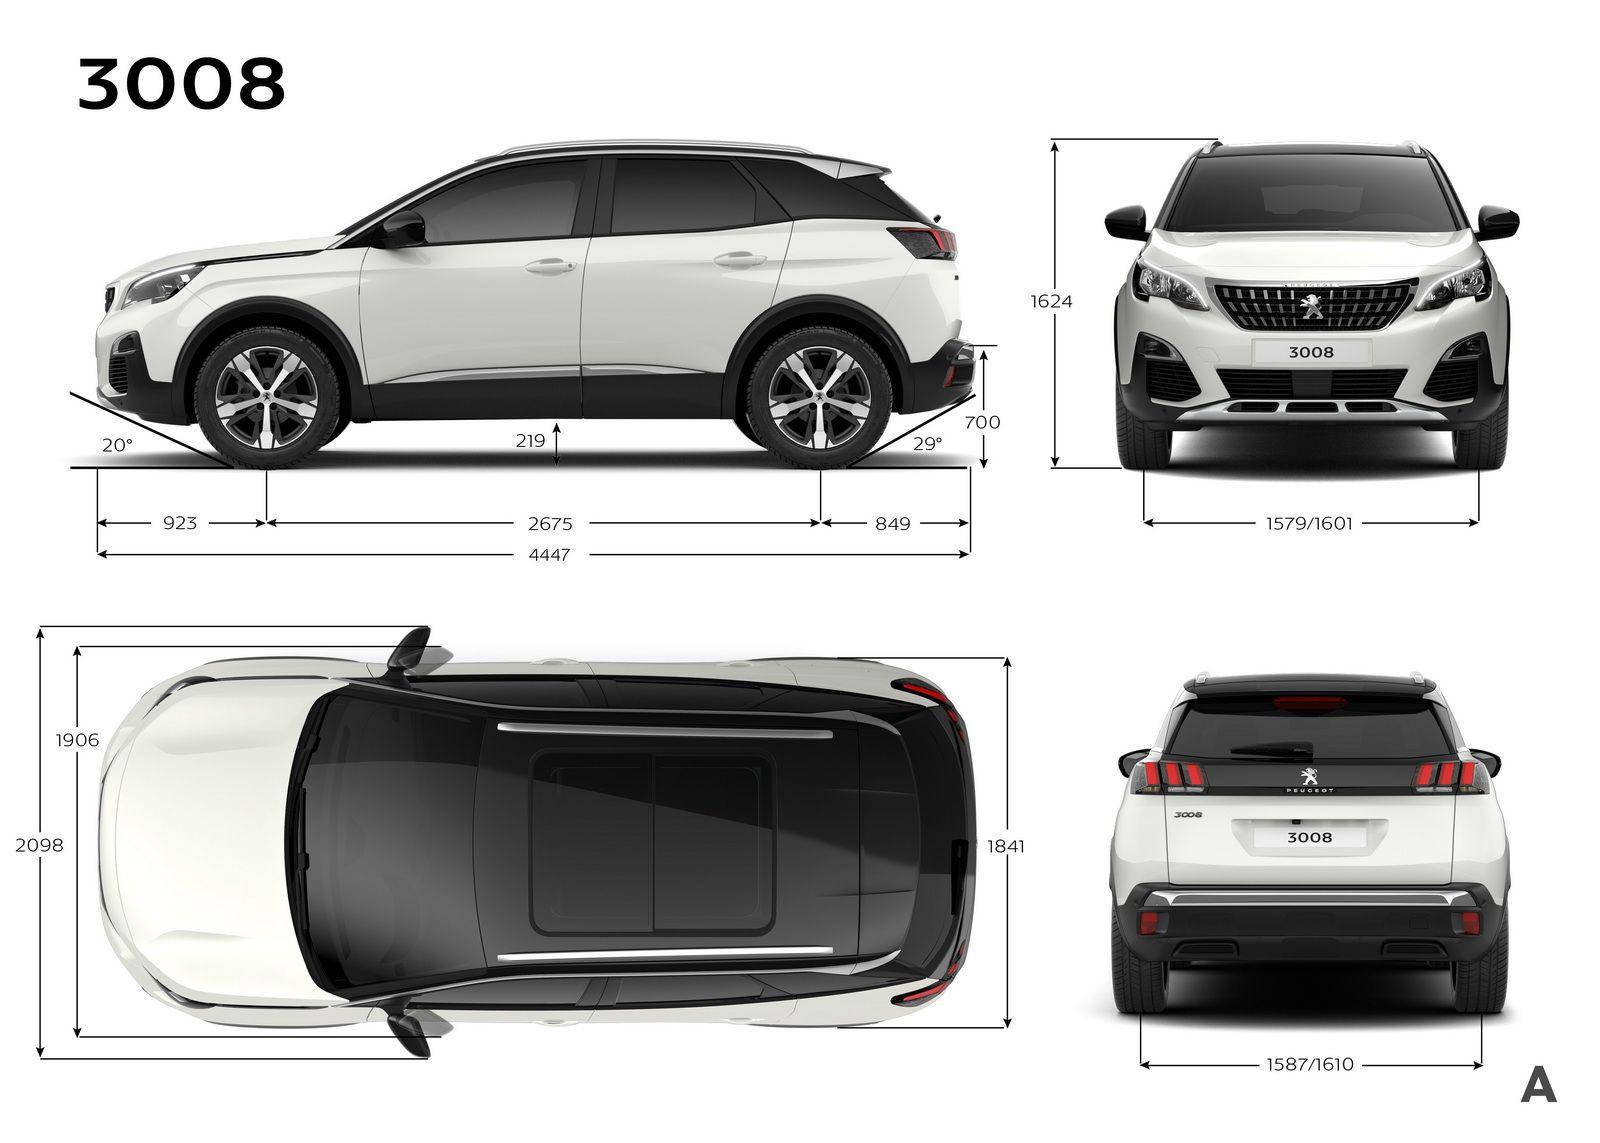 Peugeot Reveals Qashqai Rivalling 3008 Suv 39 Pics Carscoops Peugeot 3008 Peugeot Cars Organization